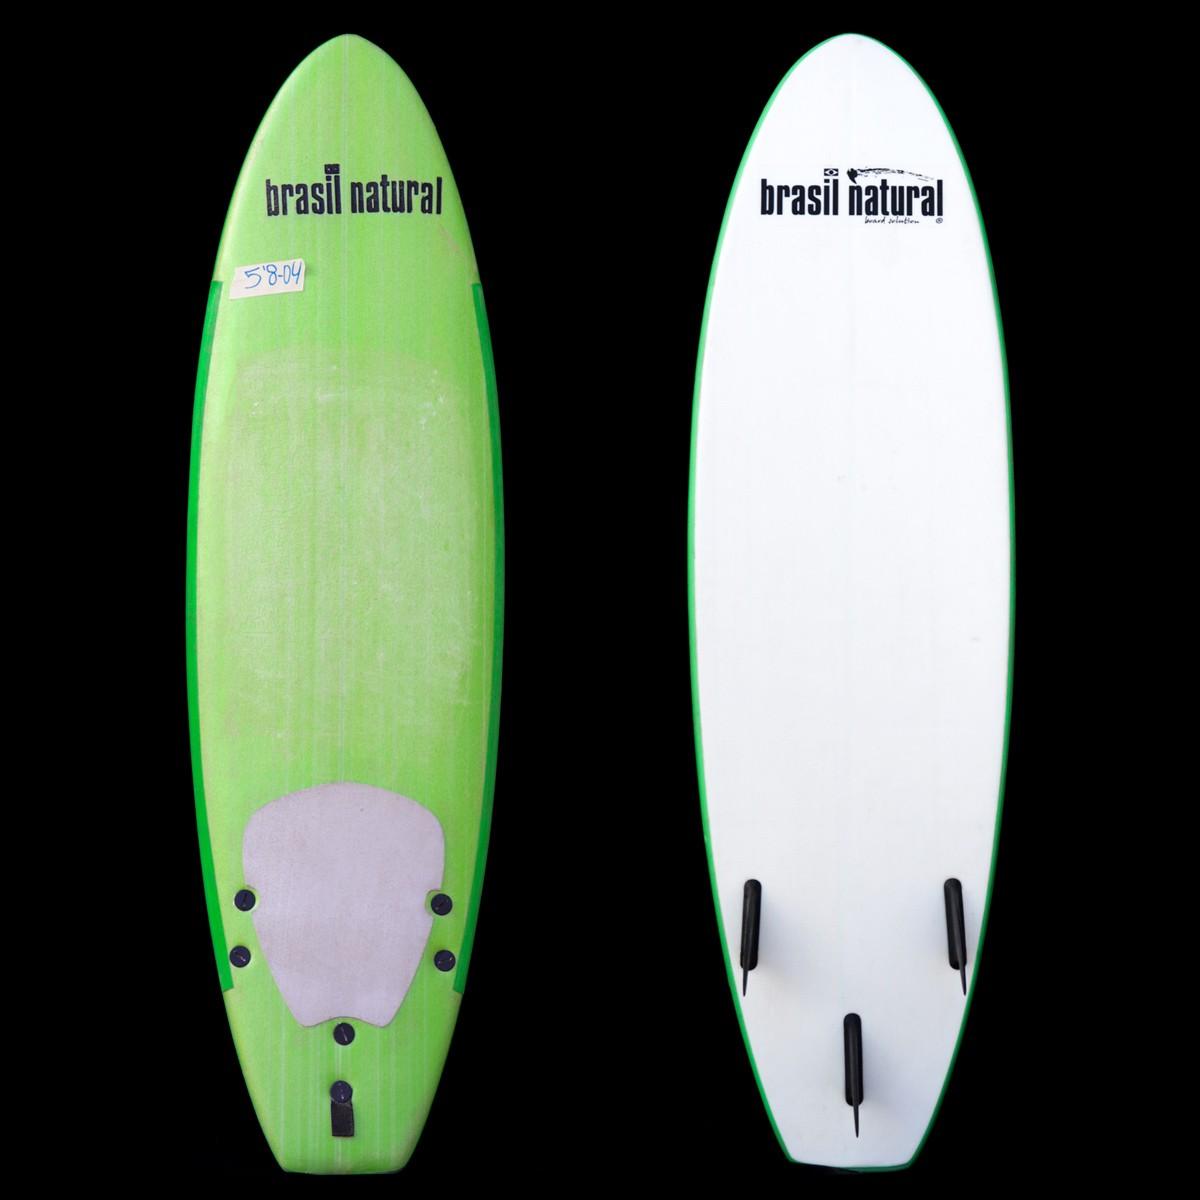 Prancha de surf infantil 5.8 - OUTLET 04